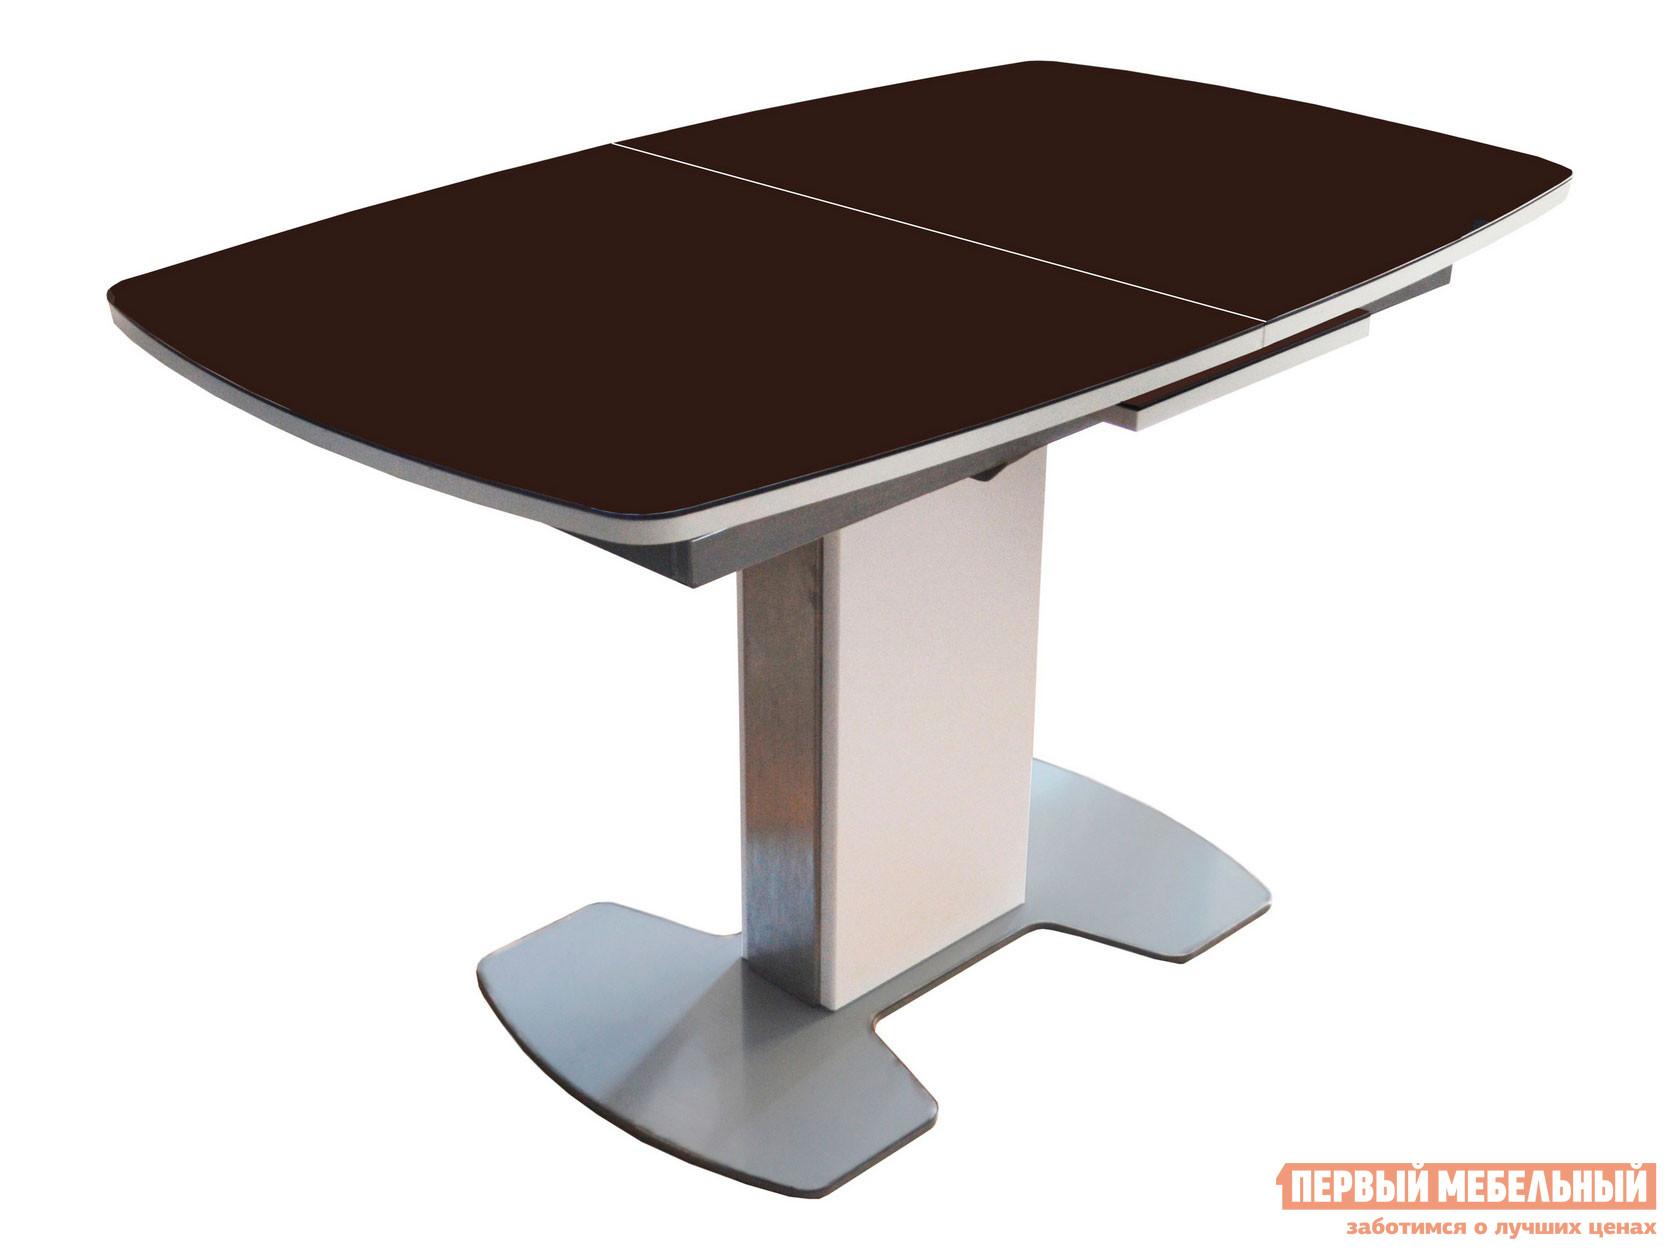 Кухонный стол Линоторг Санторини - Стекло